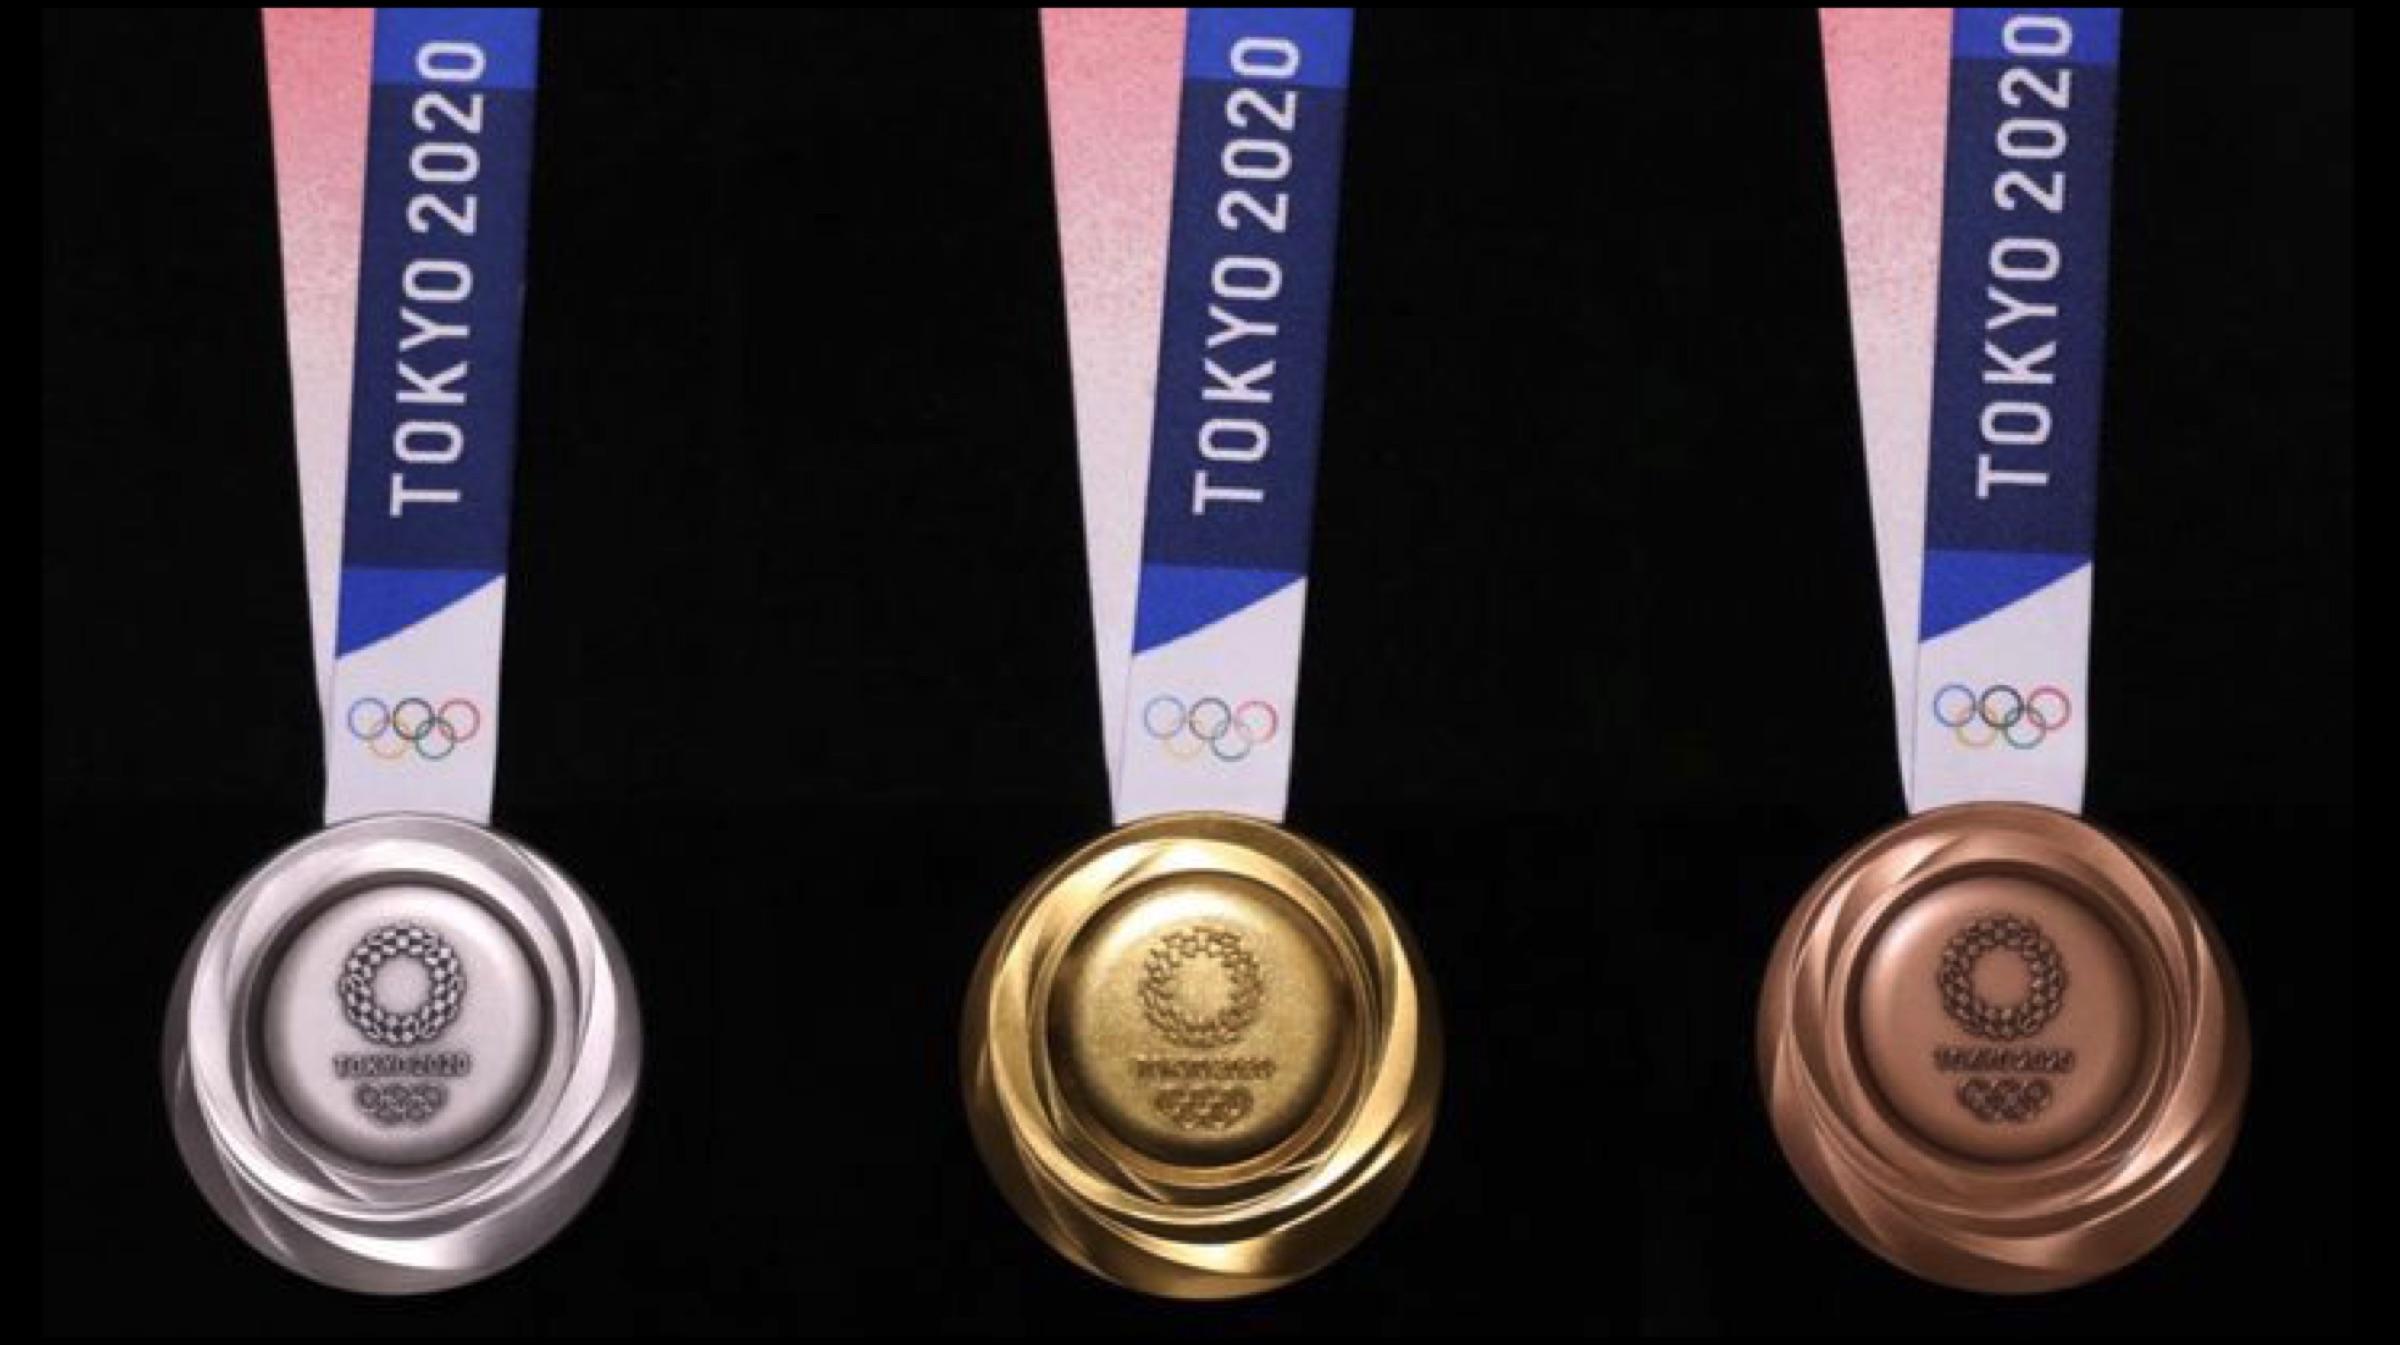 Die Medaillen für die Olympischen Spiele 2020 werden aus Gold hergestellt, das von alten Smartphones recycelt wird 3